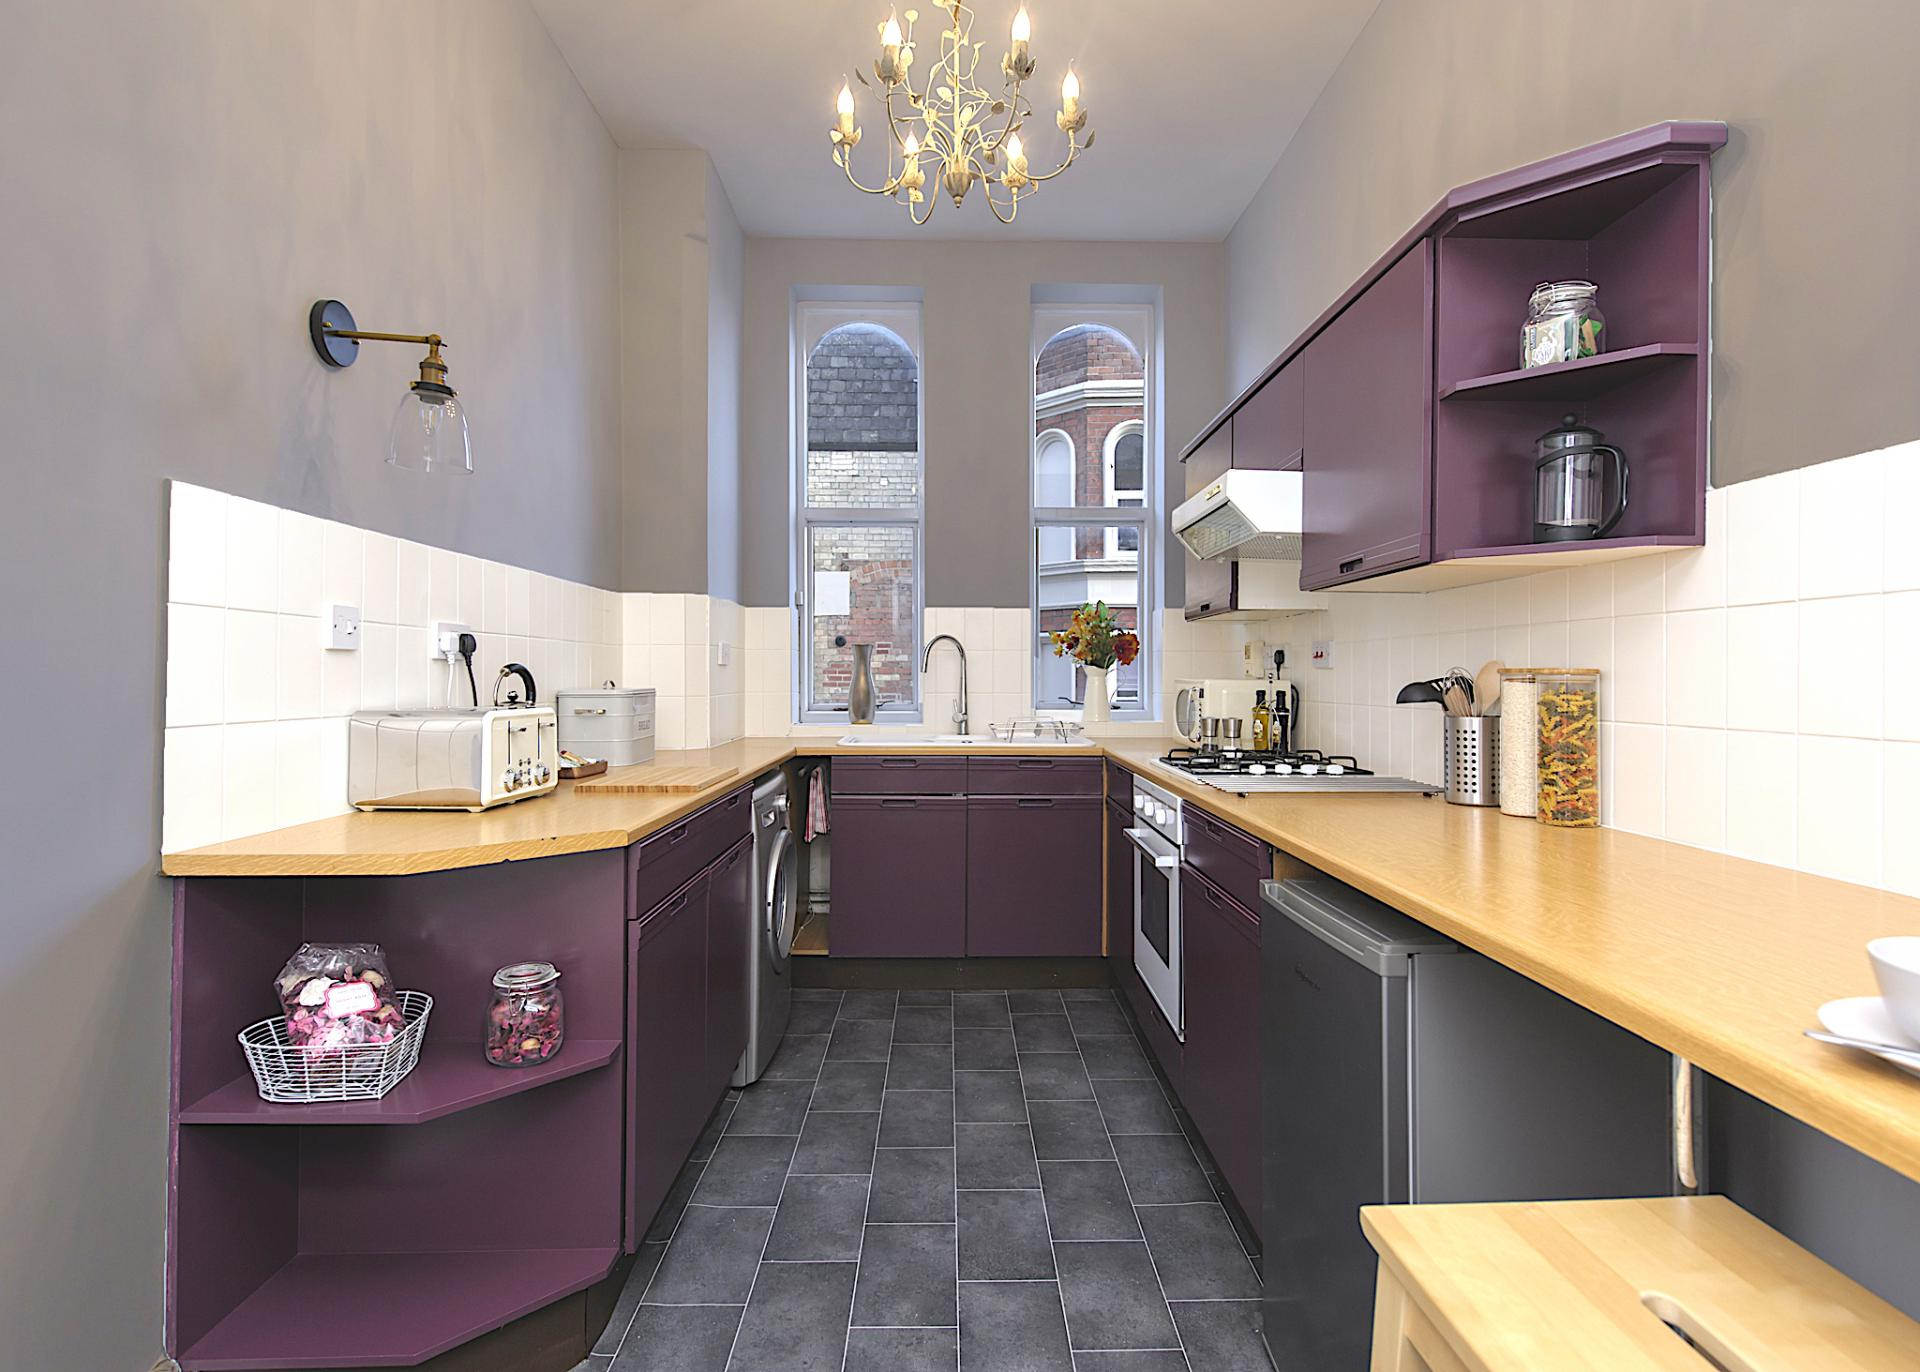 Kitchen at Nottingham Park View Apartment, Centre, Nottingham - Citybase Apartments